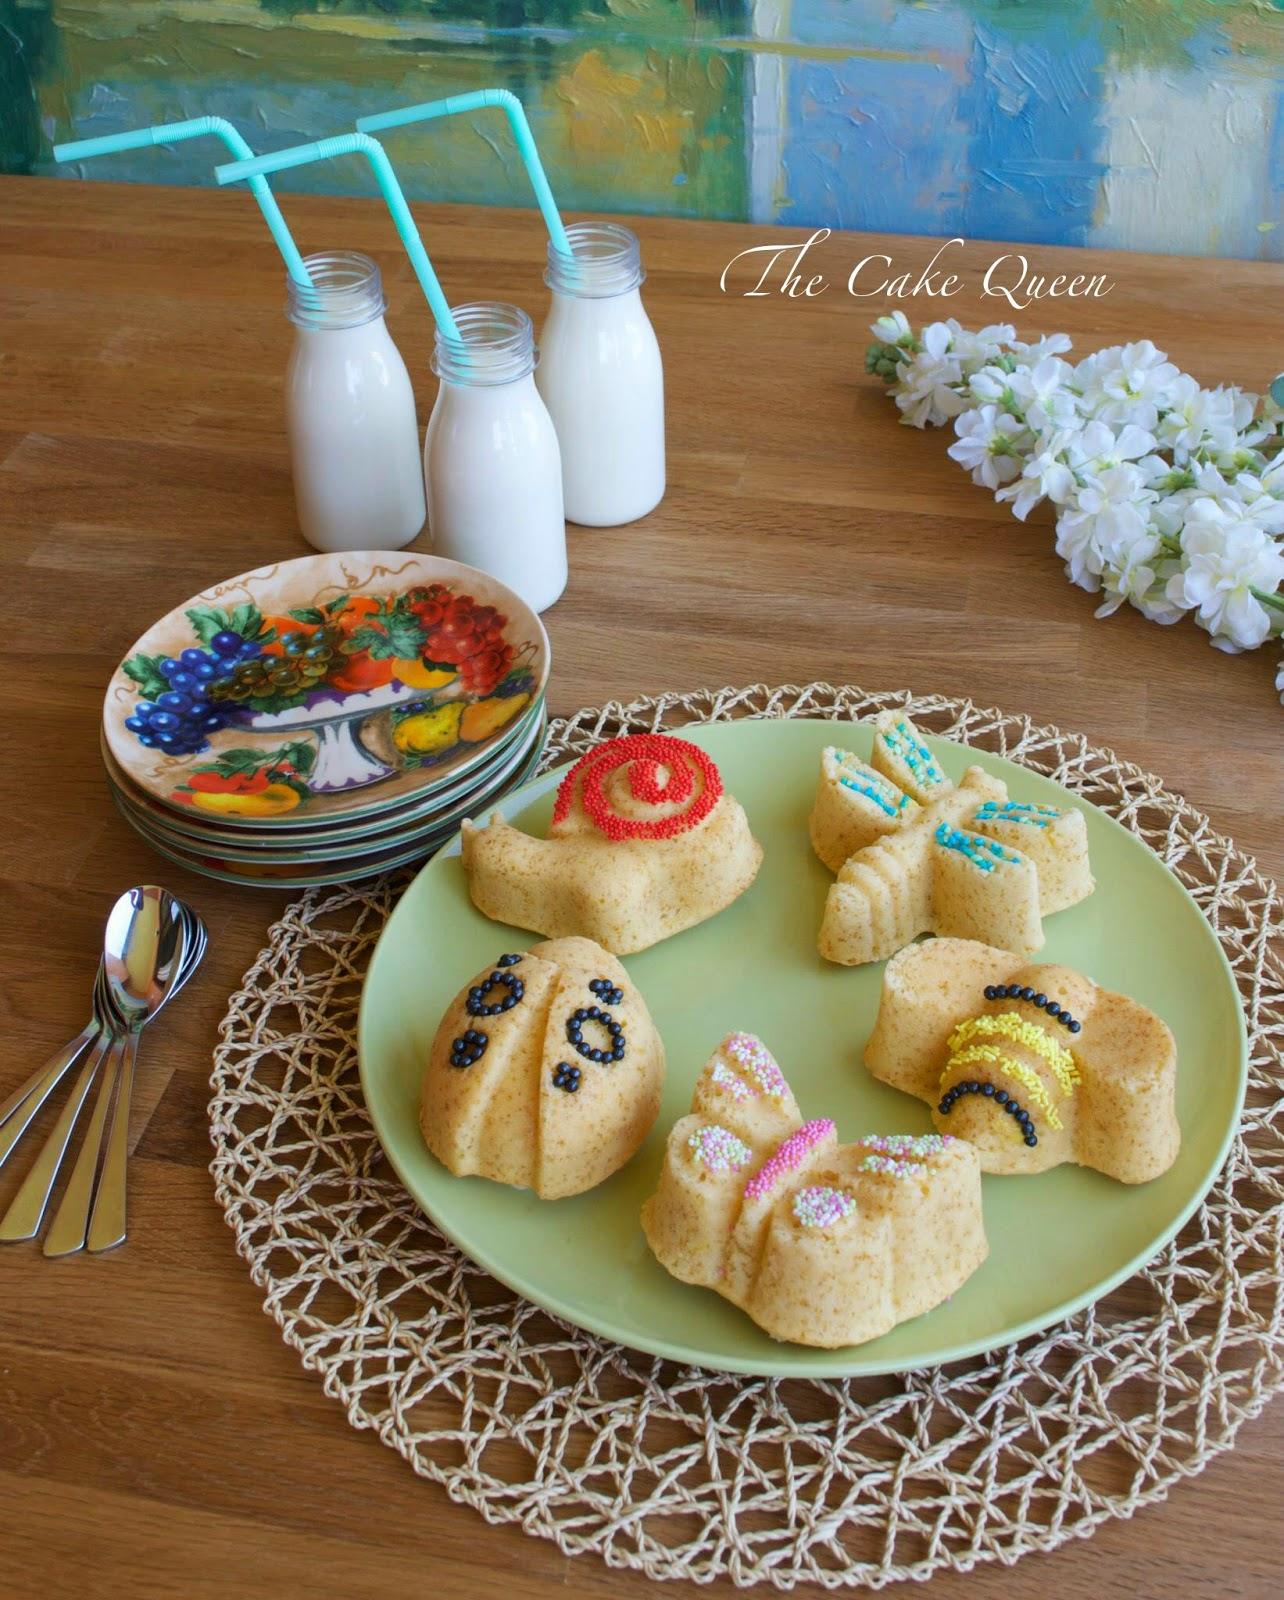 Mini garden cakes de limón y fruta de la pasión, con el azúcar de color los mini bizcochos quedan preciosos